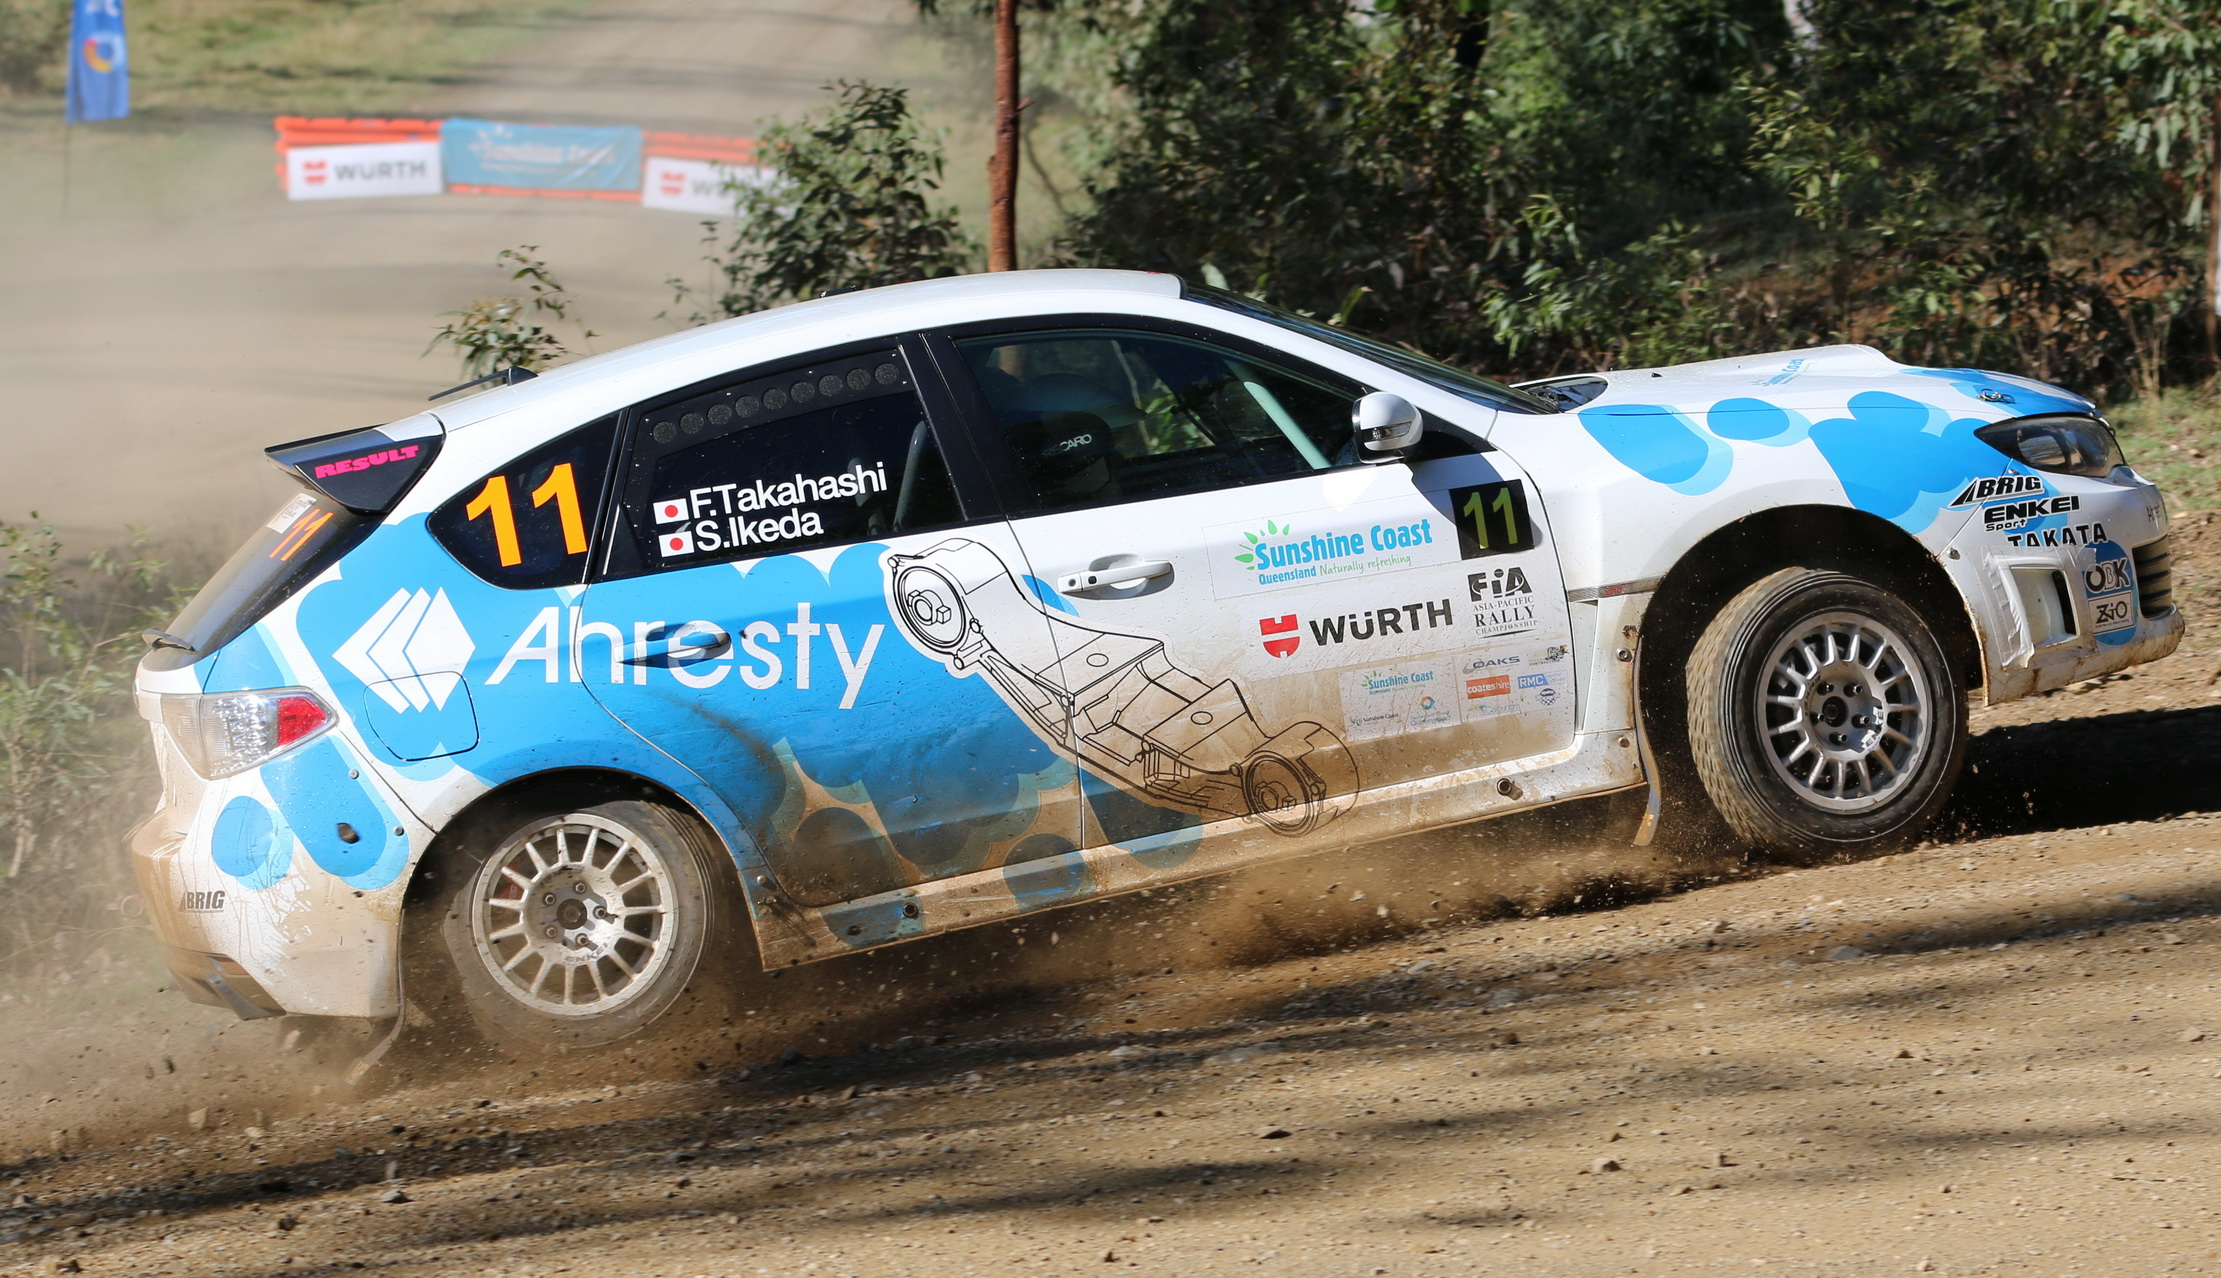 Four Japanese teams enter International Rally of Whangarei